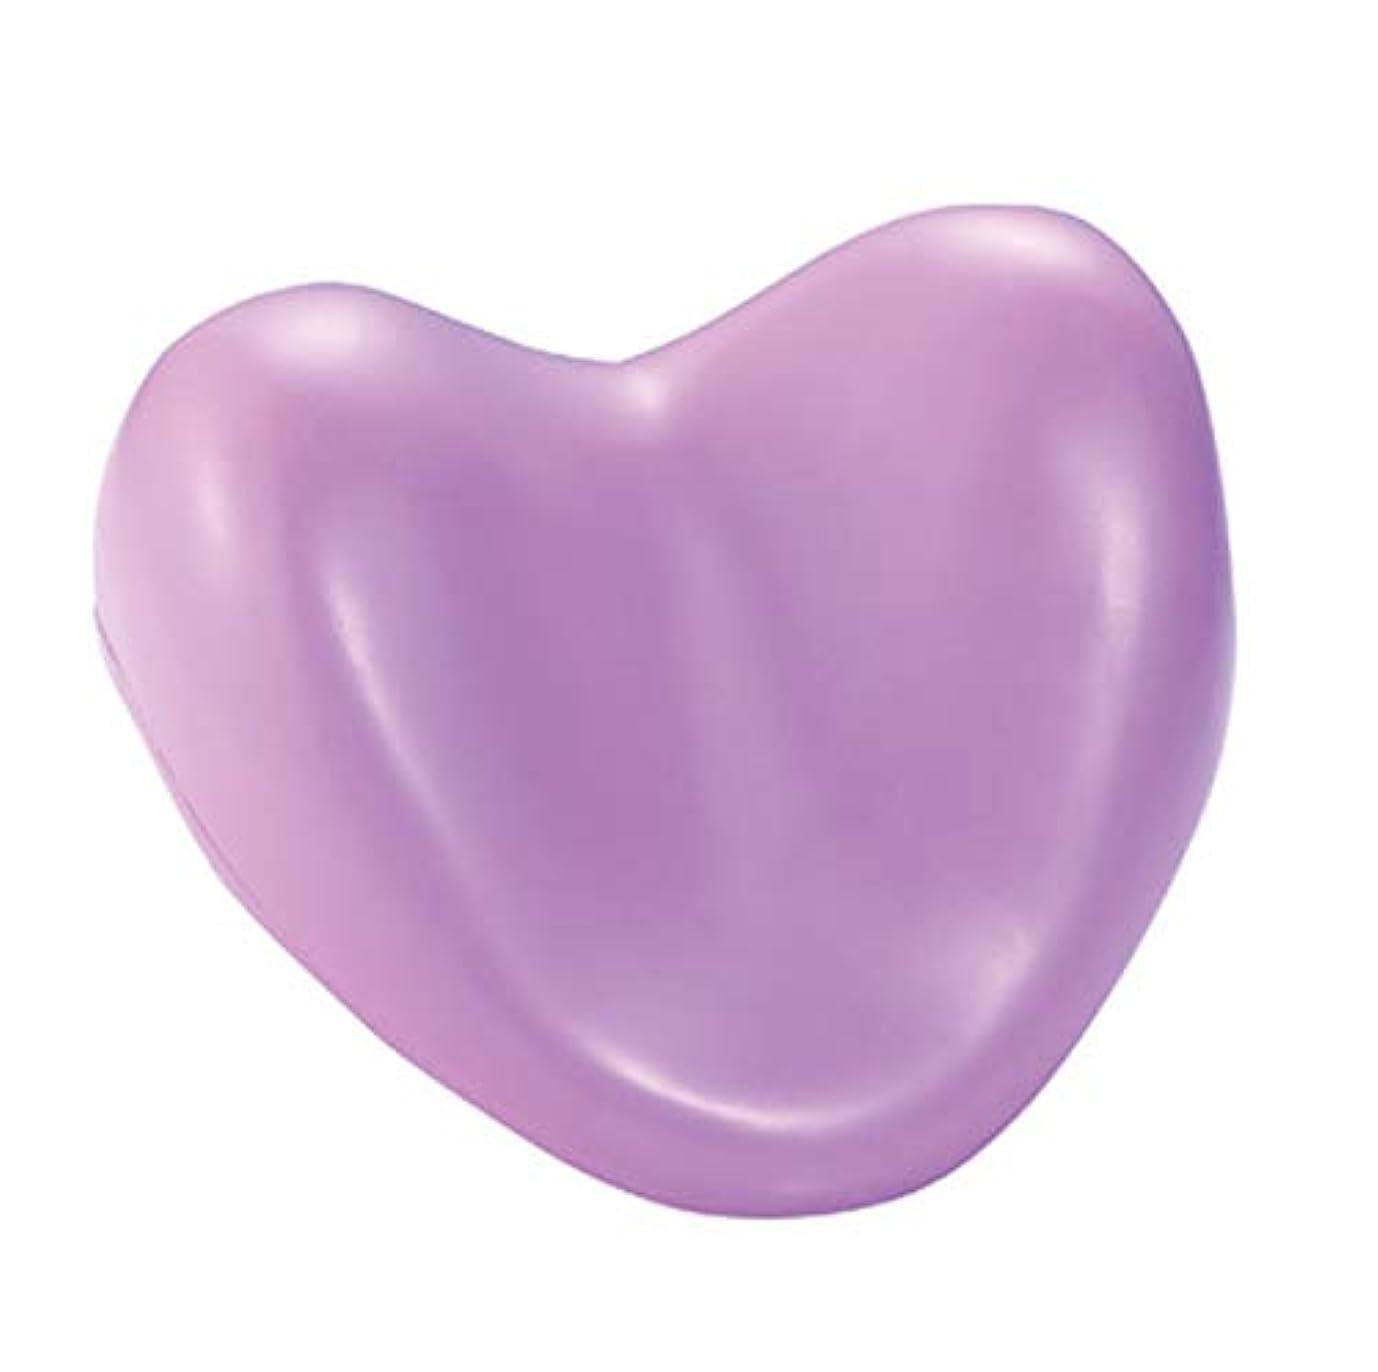 試す洞察力守銭奴サクションカップ付きウェルネスバスピローハート型PUフォームサポート枕温水浴槽とスパ浴槽,Purple